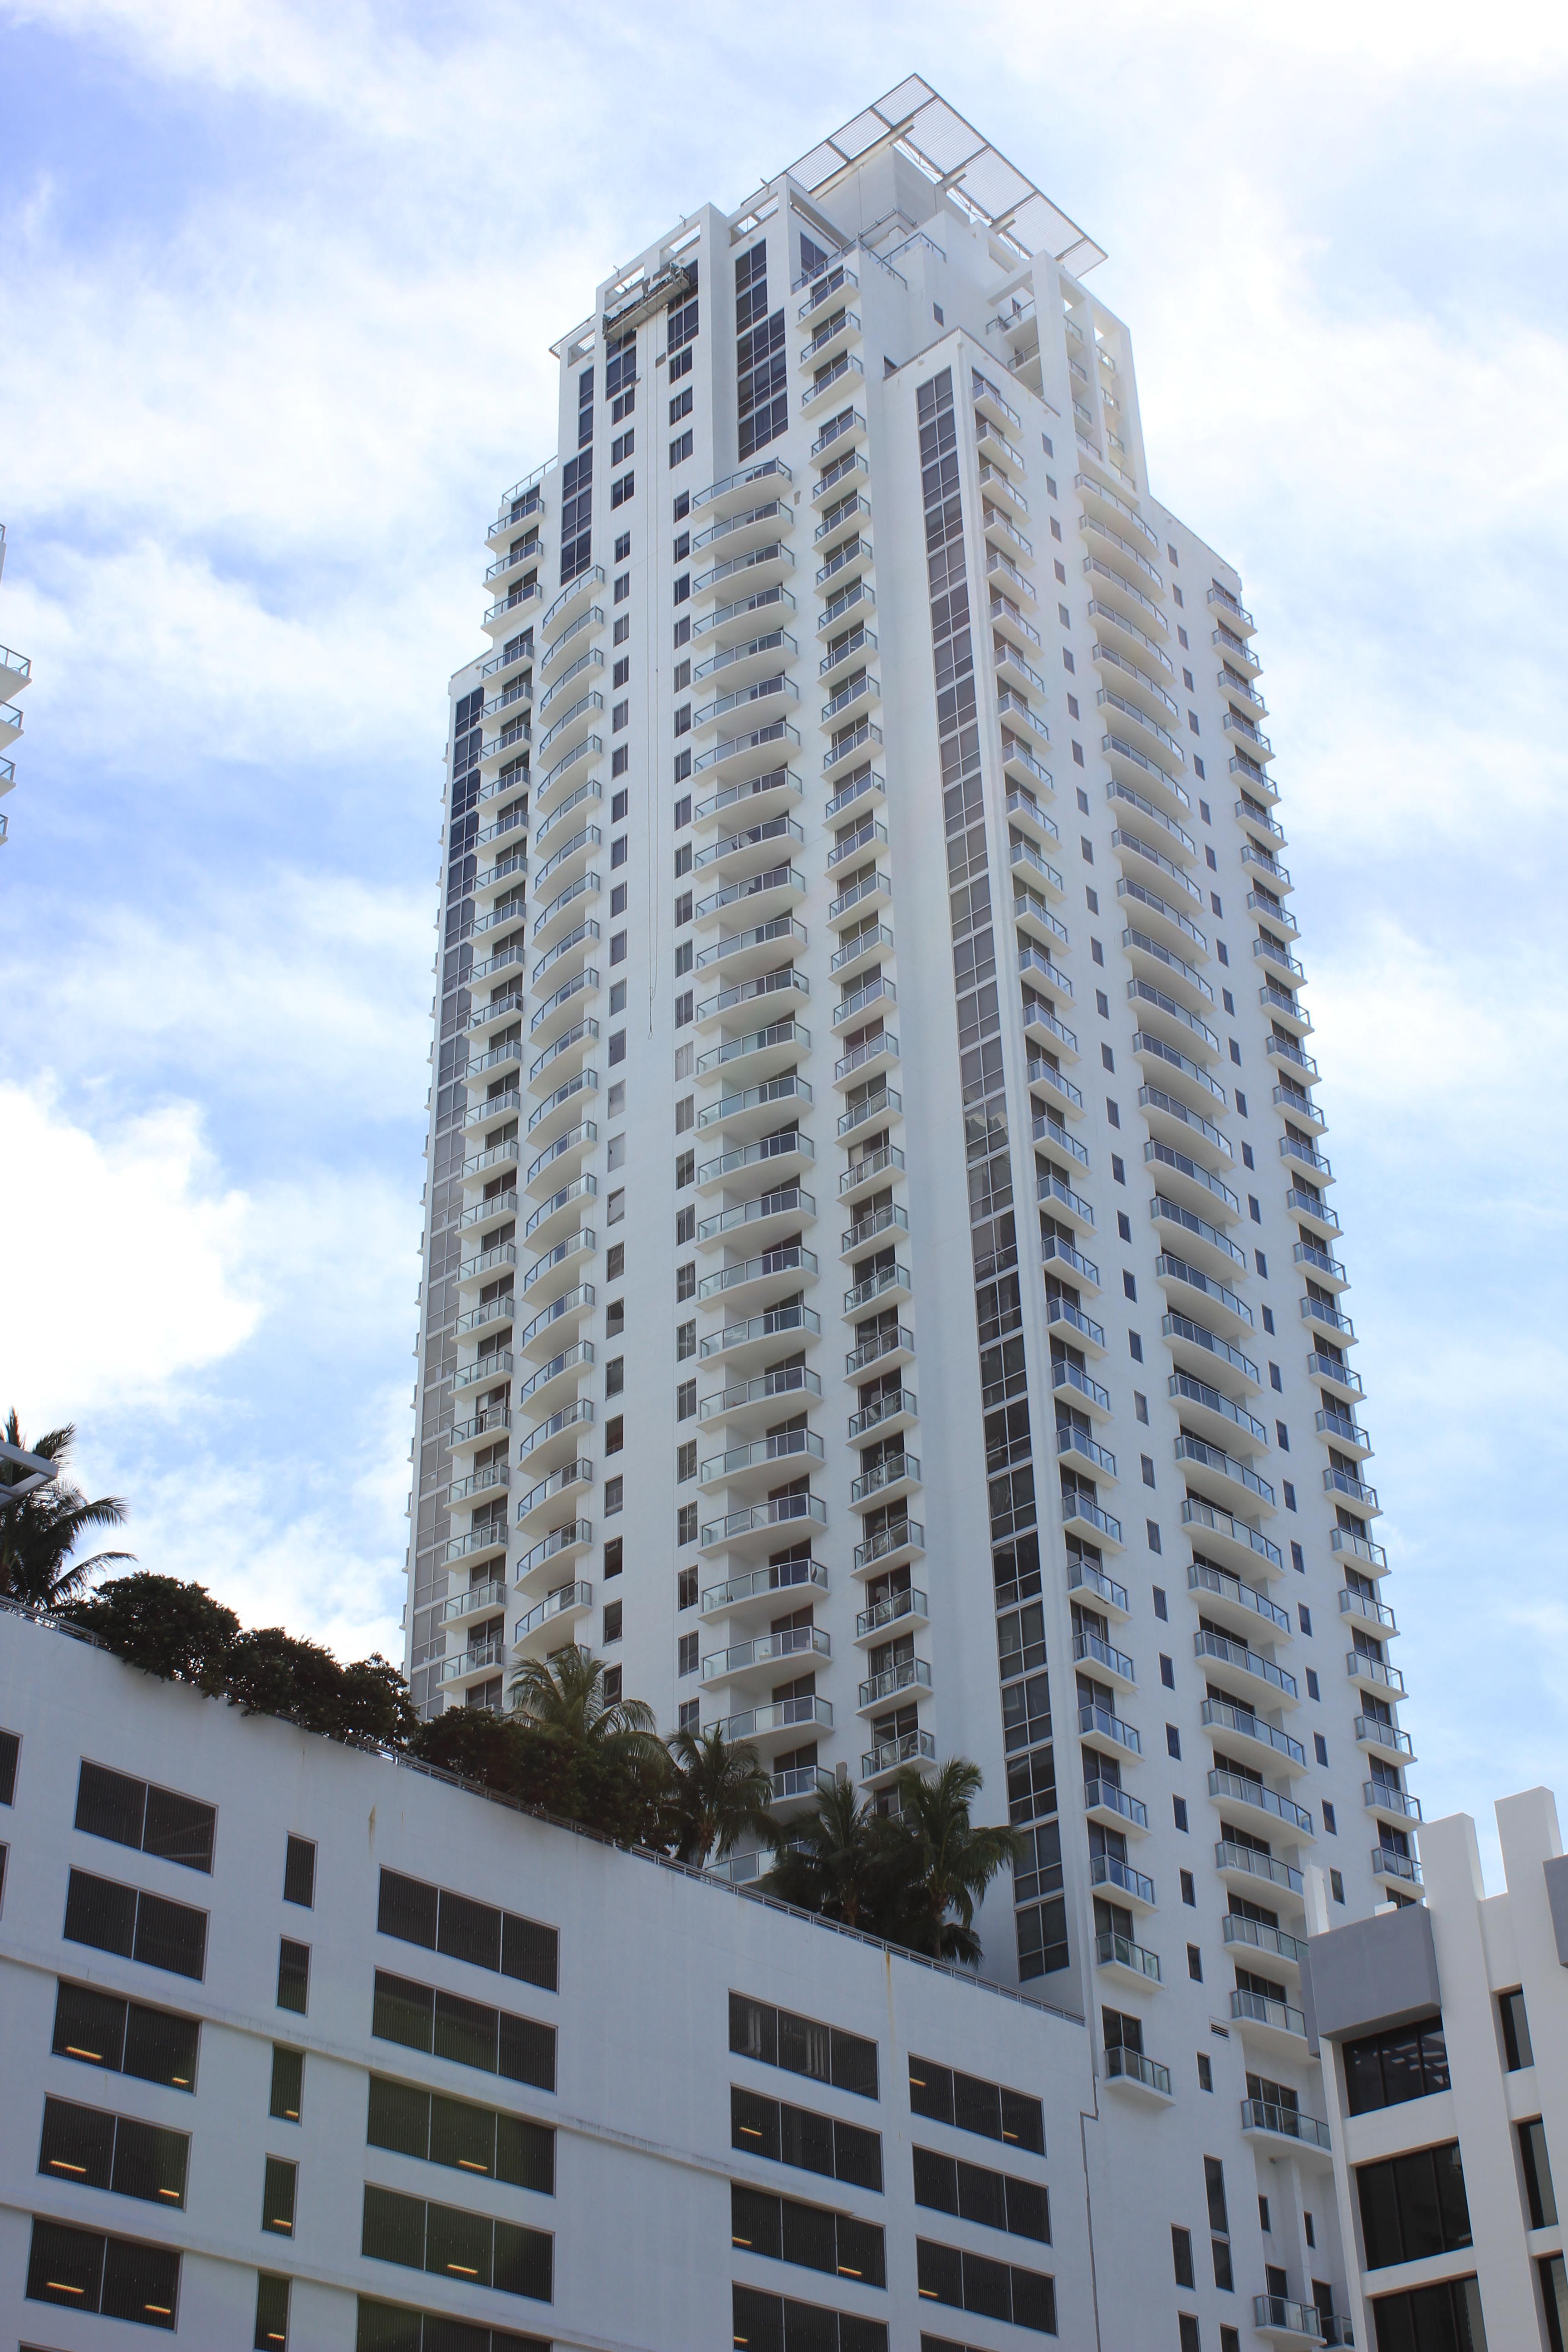 Market update 1050 1060 brickell lindsay loves miami for 1050 brickell floor plans